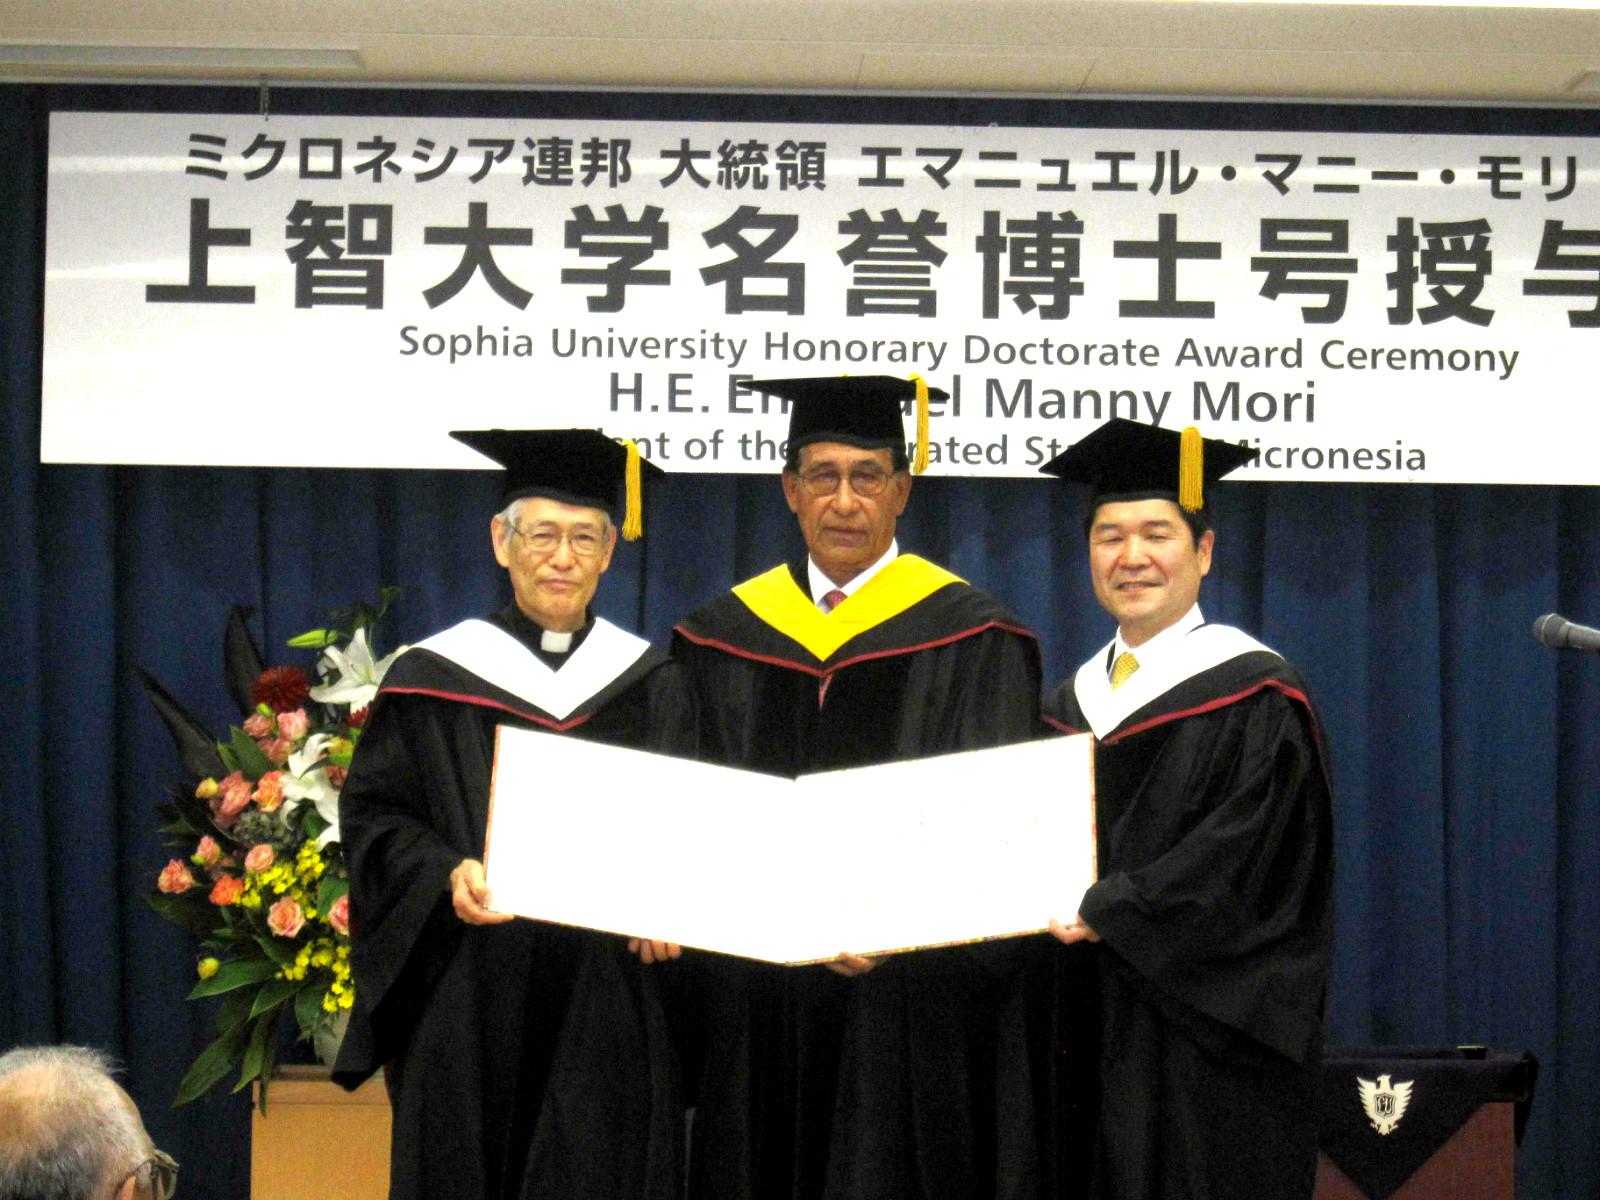 ミクロネシア大統領に上智大学名誉博士号授与 <APICで推薦>